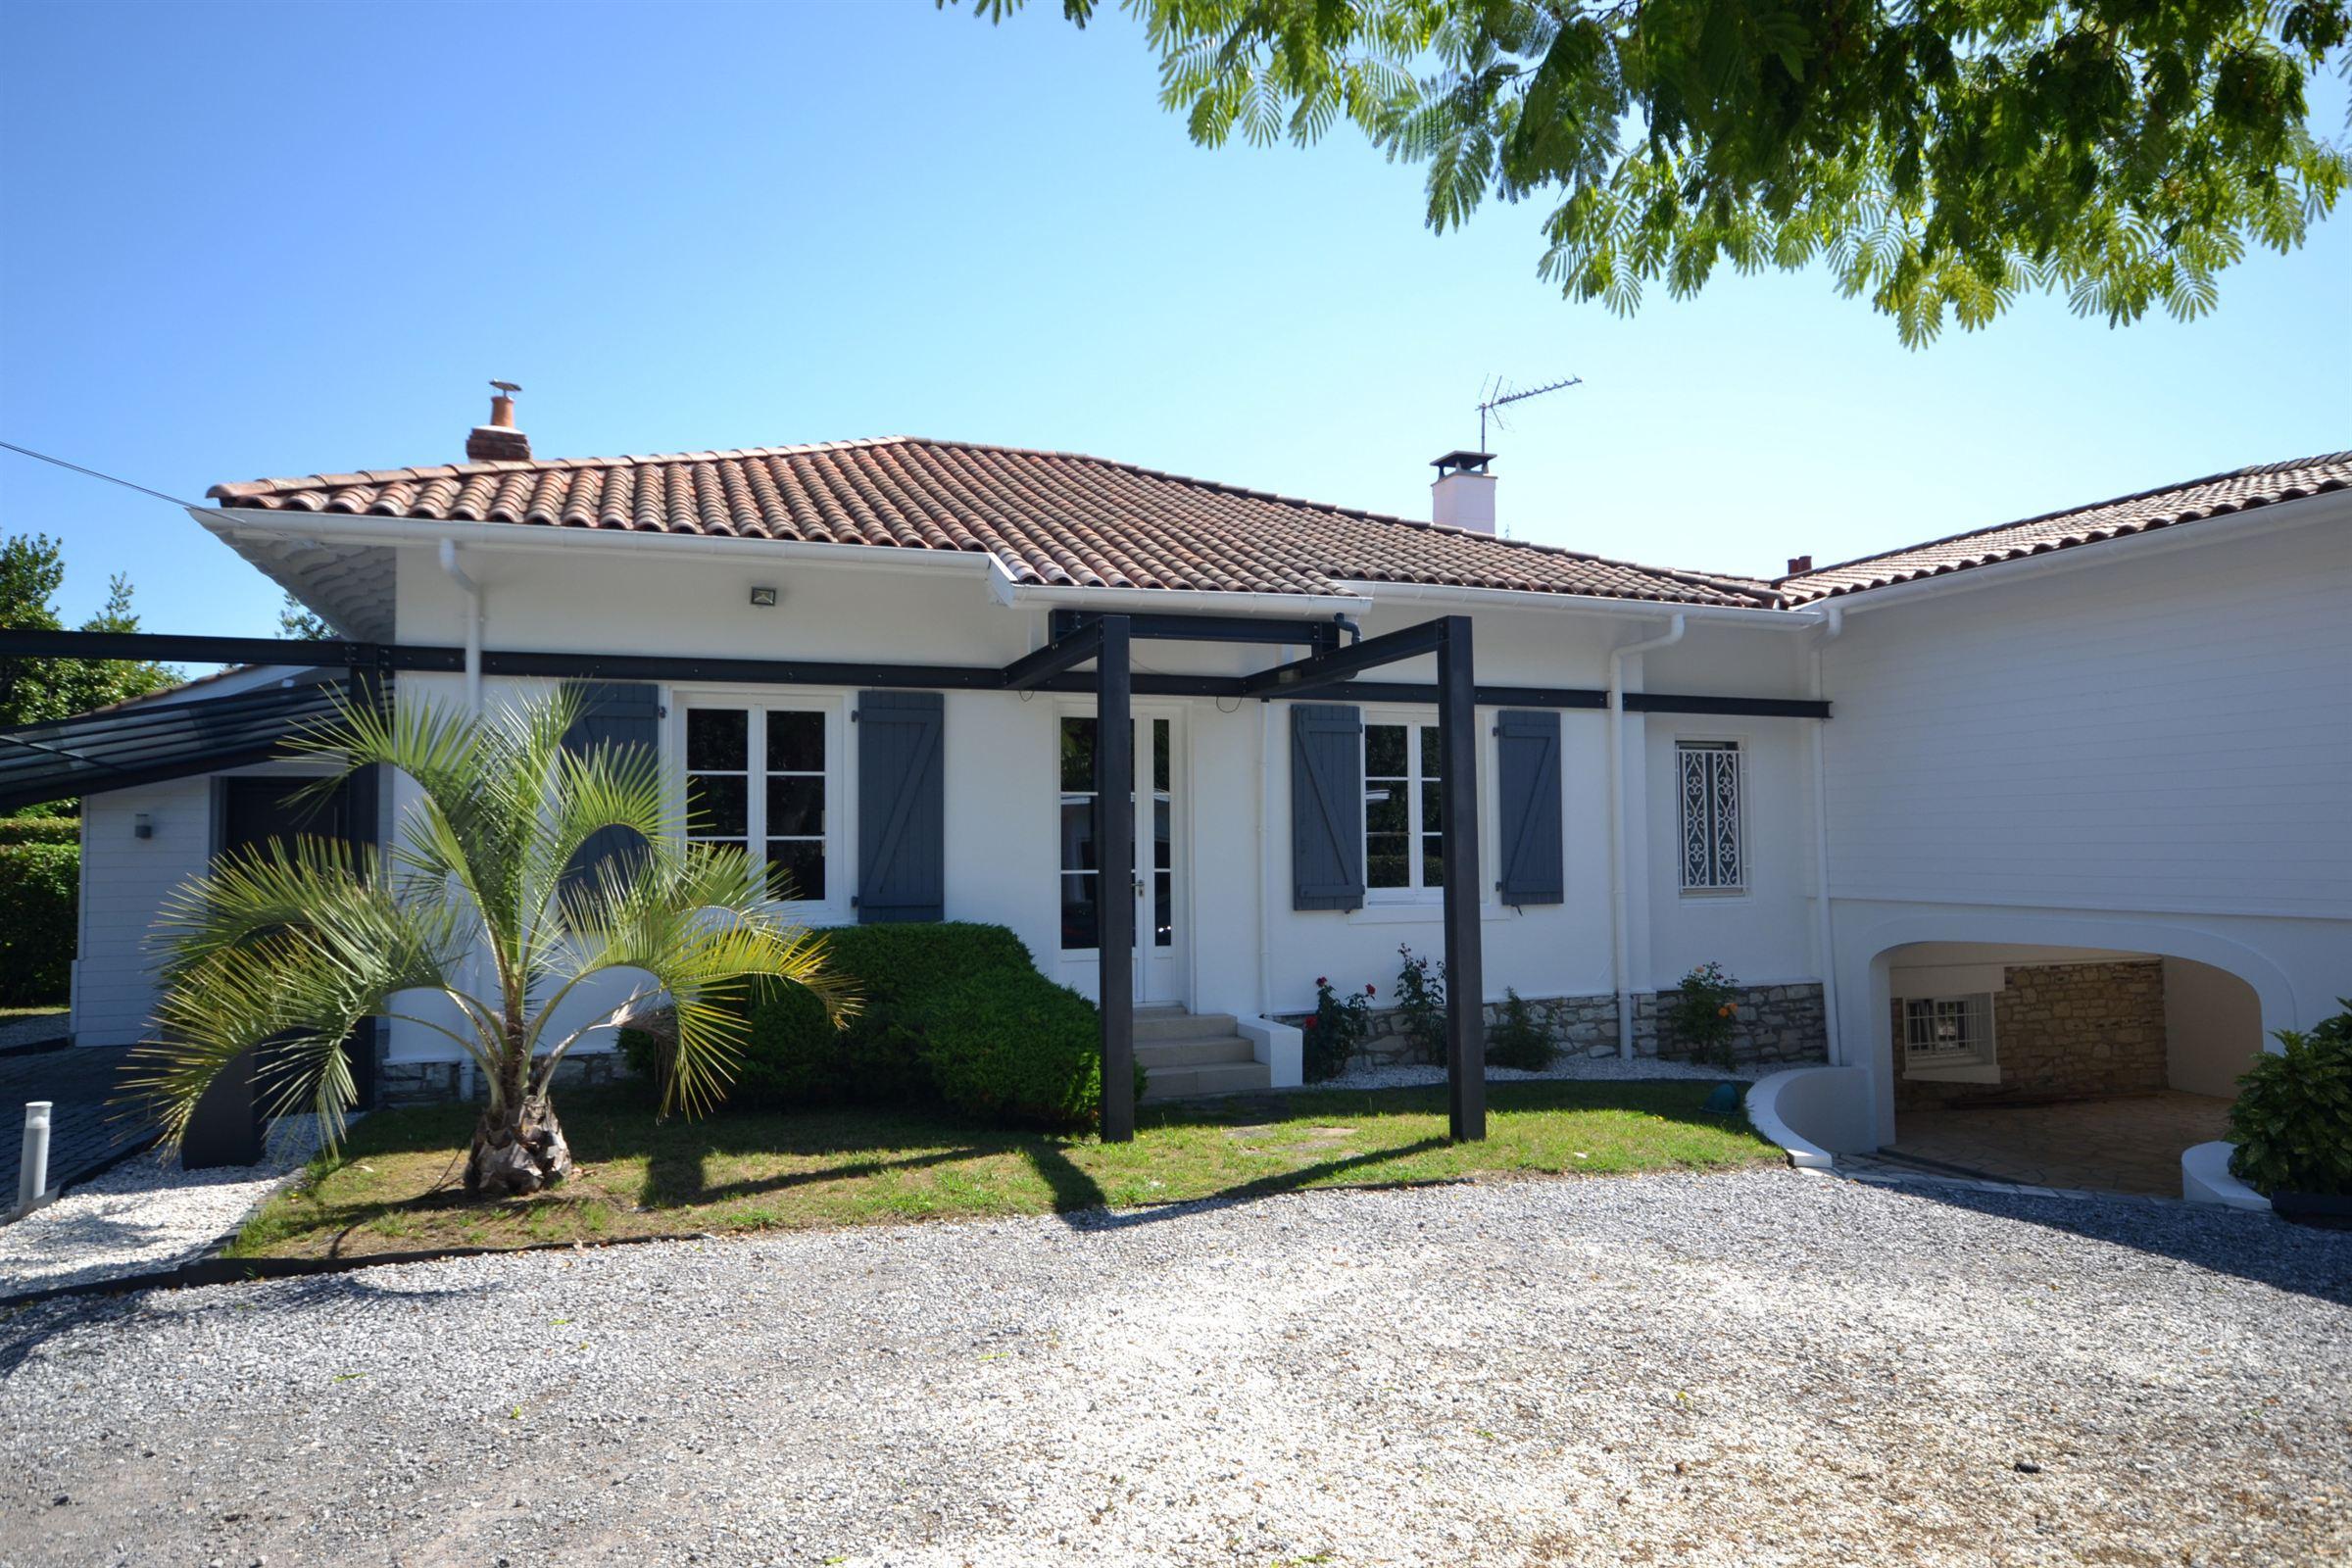 sales property at LE GOLF DE BIARRITZ - LE PHARE